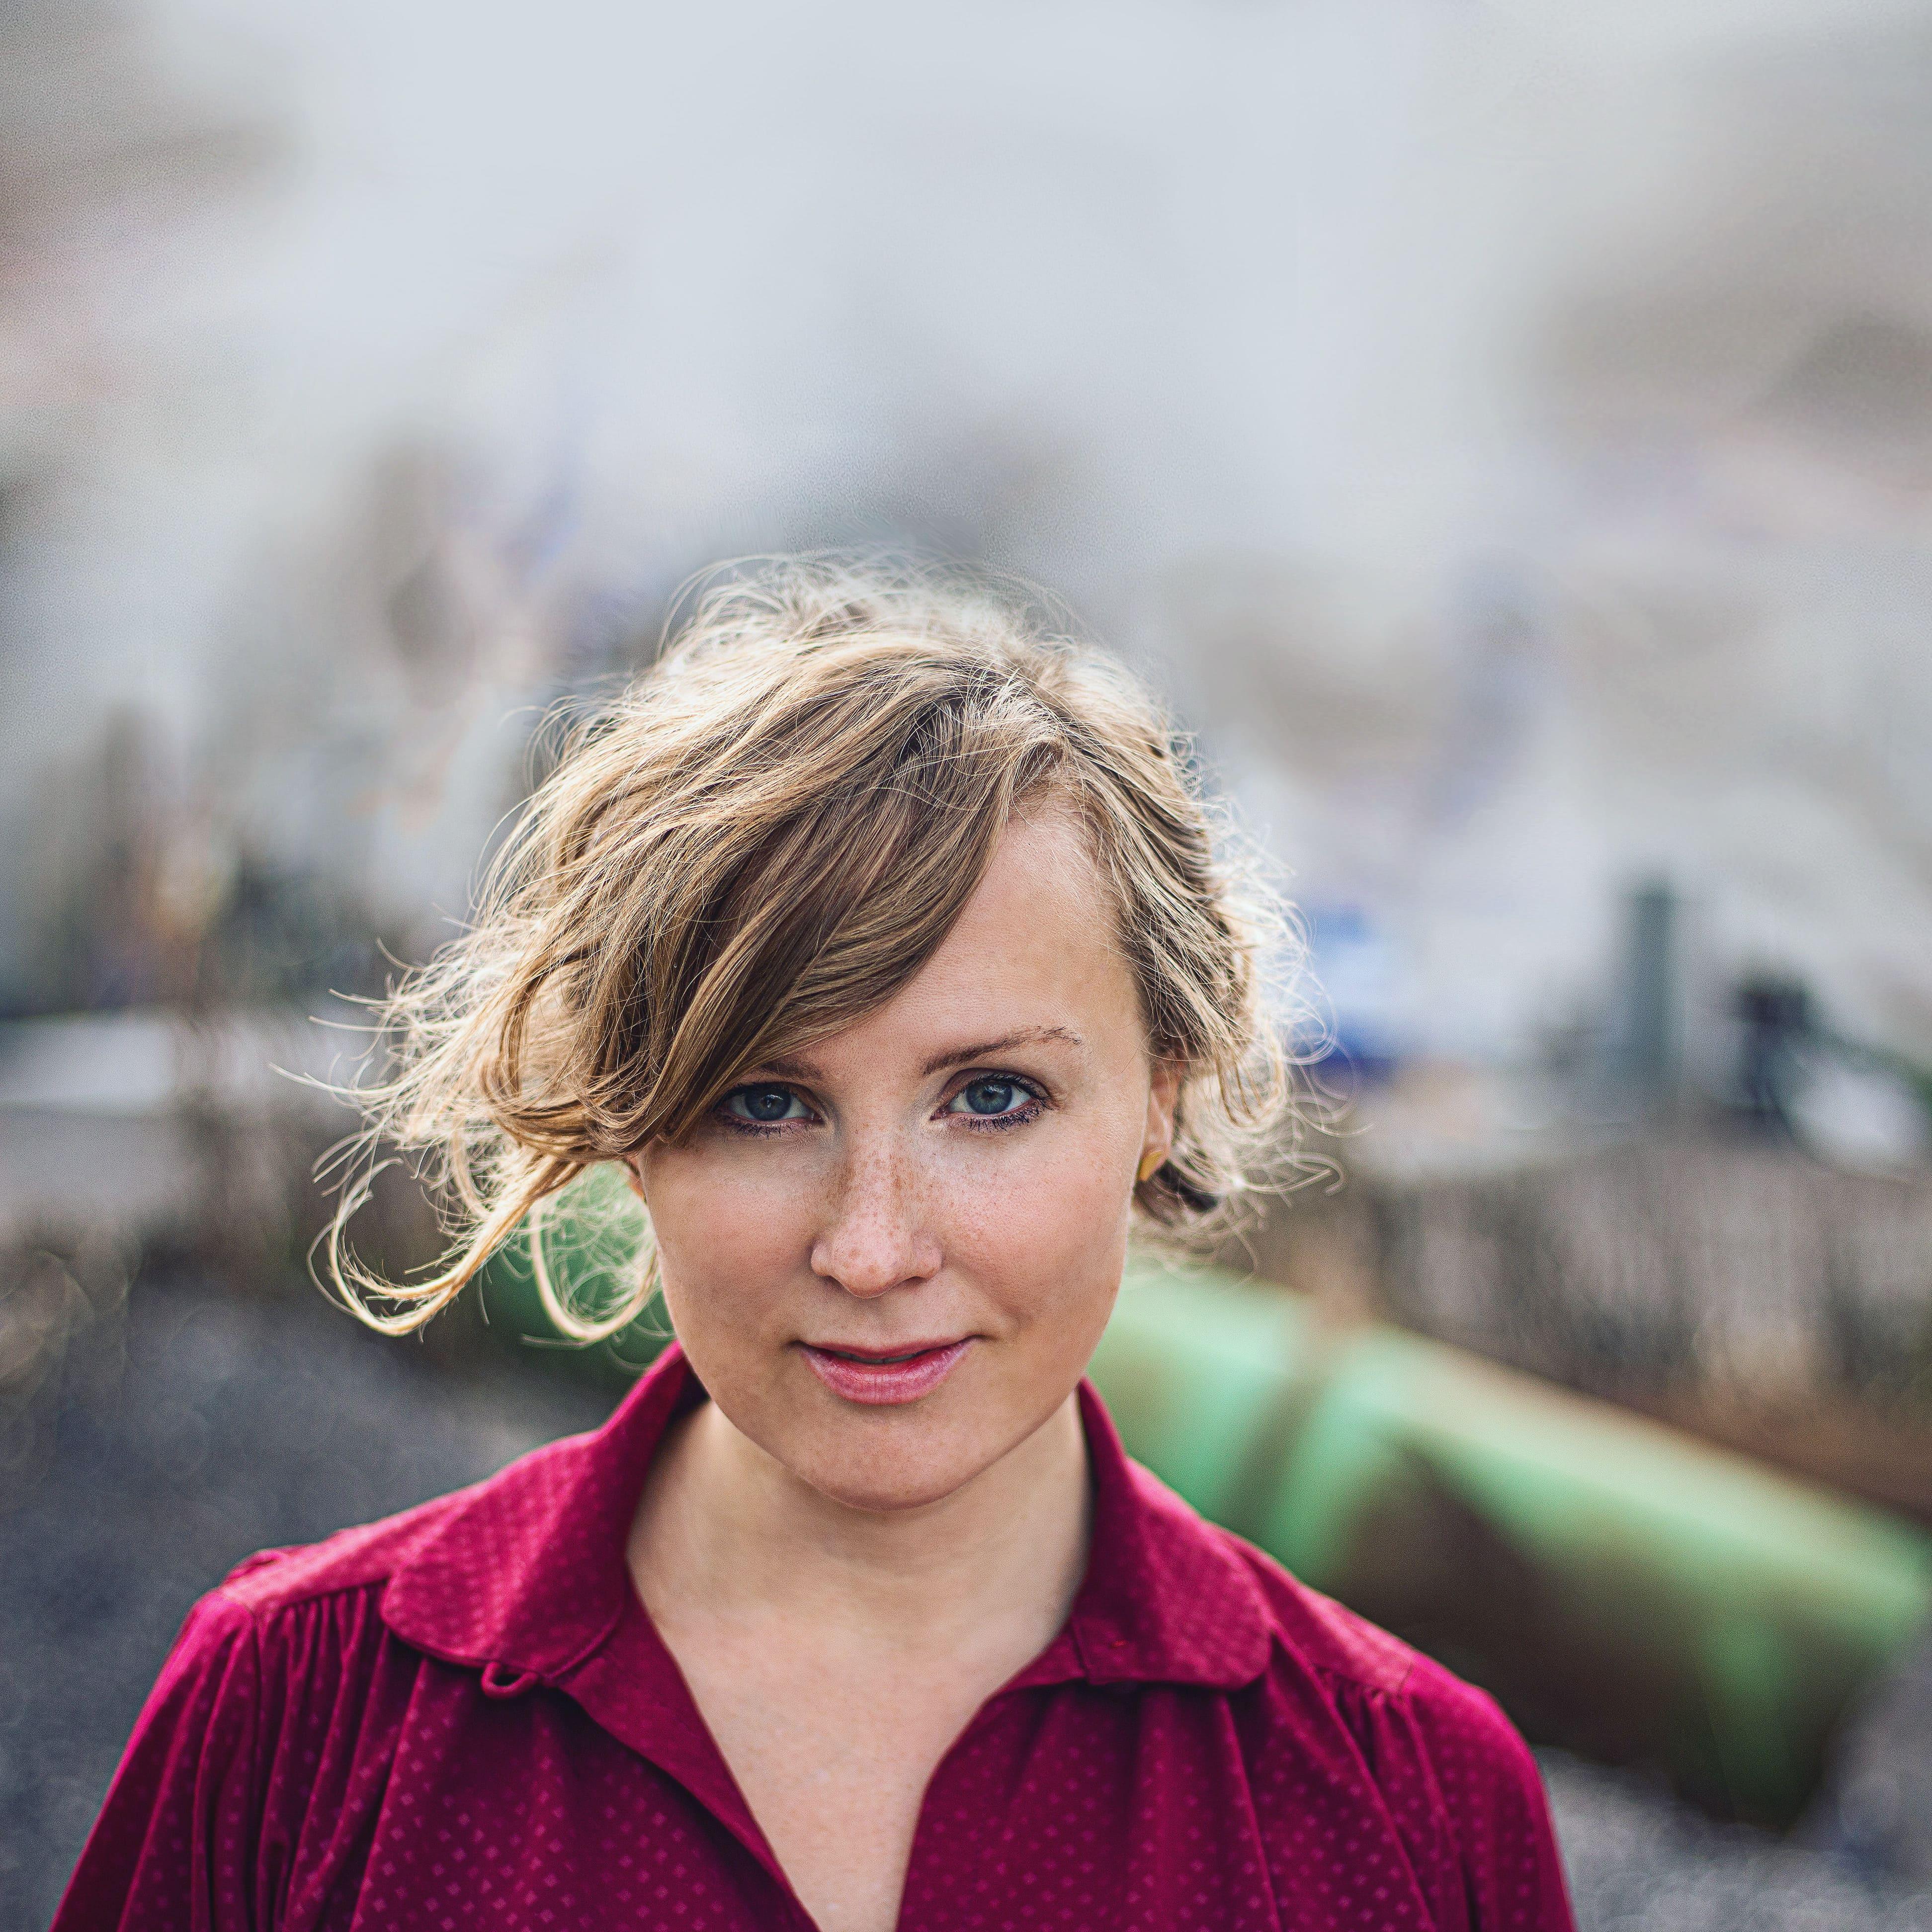 Sofie Asplund 6 - foto Max Jansson 2